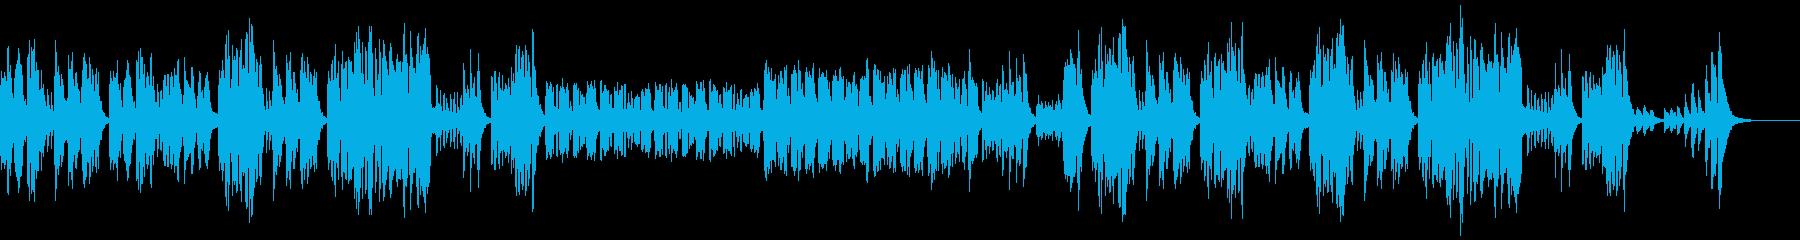 リコーダー、木琴、ほのぼのした日常曲の再生済みの波形